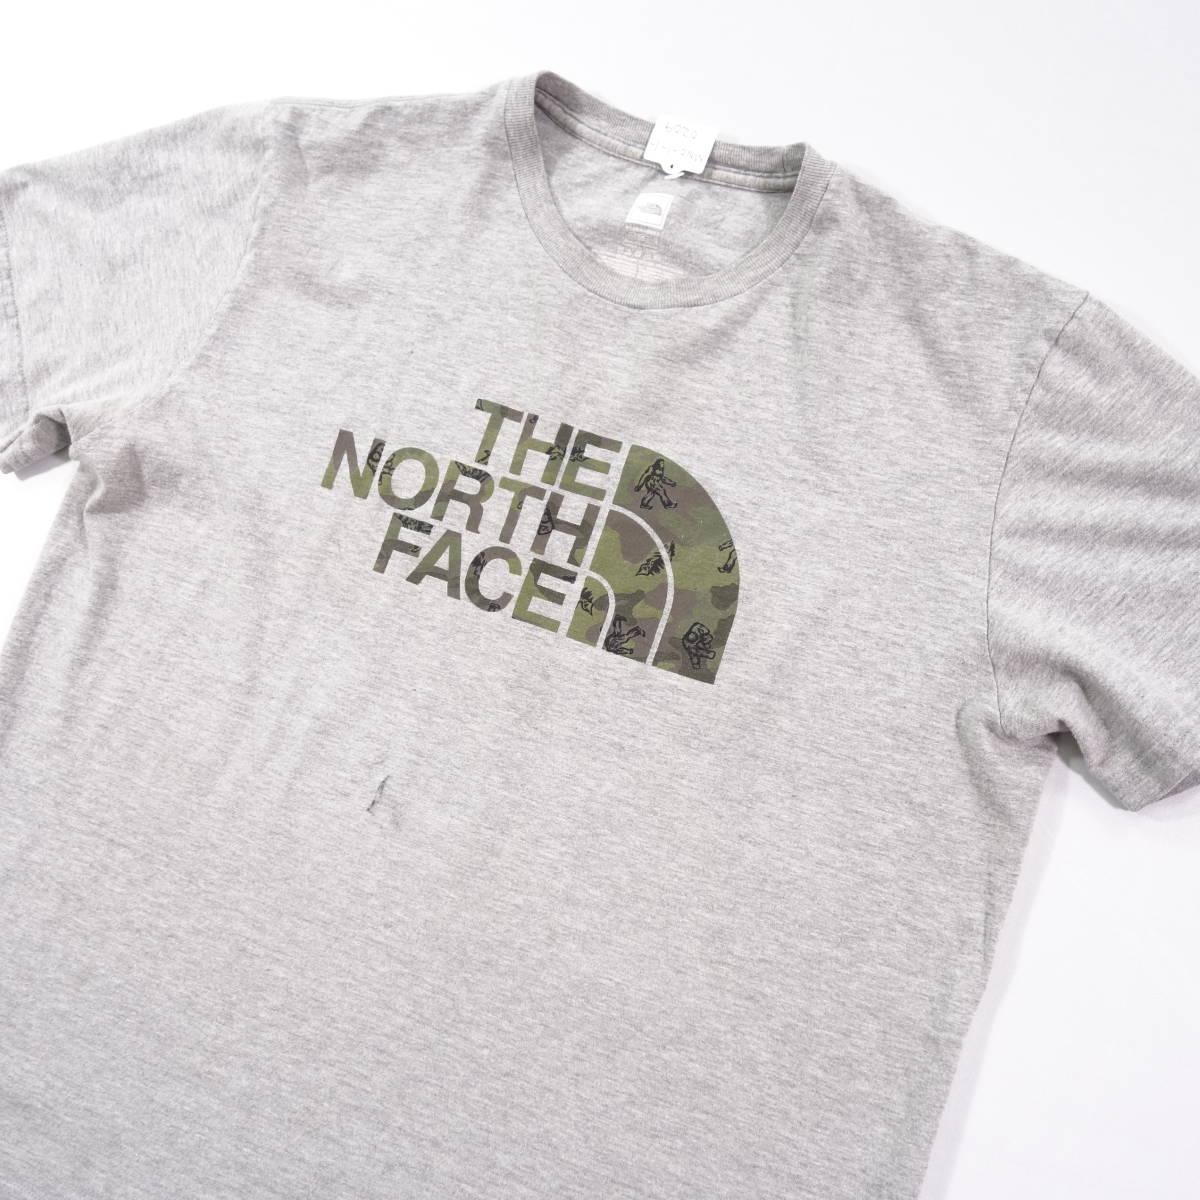 ノースフェイス Tシャツ 半袖 メンズ L 丸首 ハーフドーム プリントロゴ アウトドア トップス USA直輸入 古着 MNO-1-1-0209_画像3